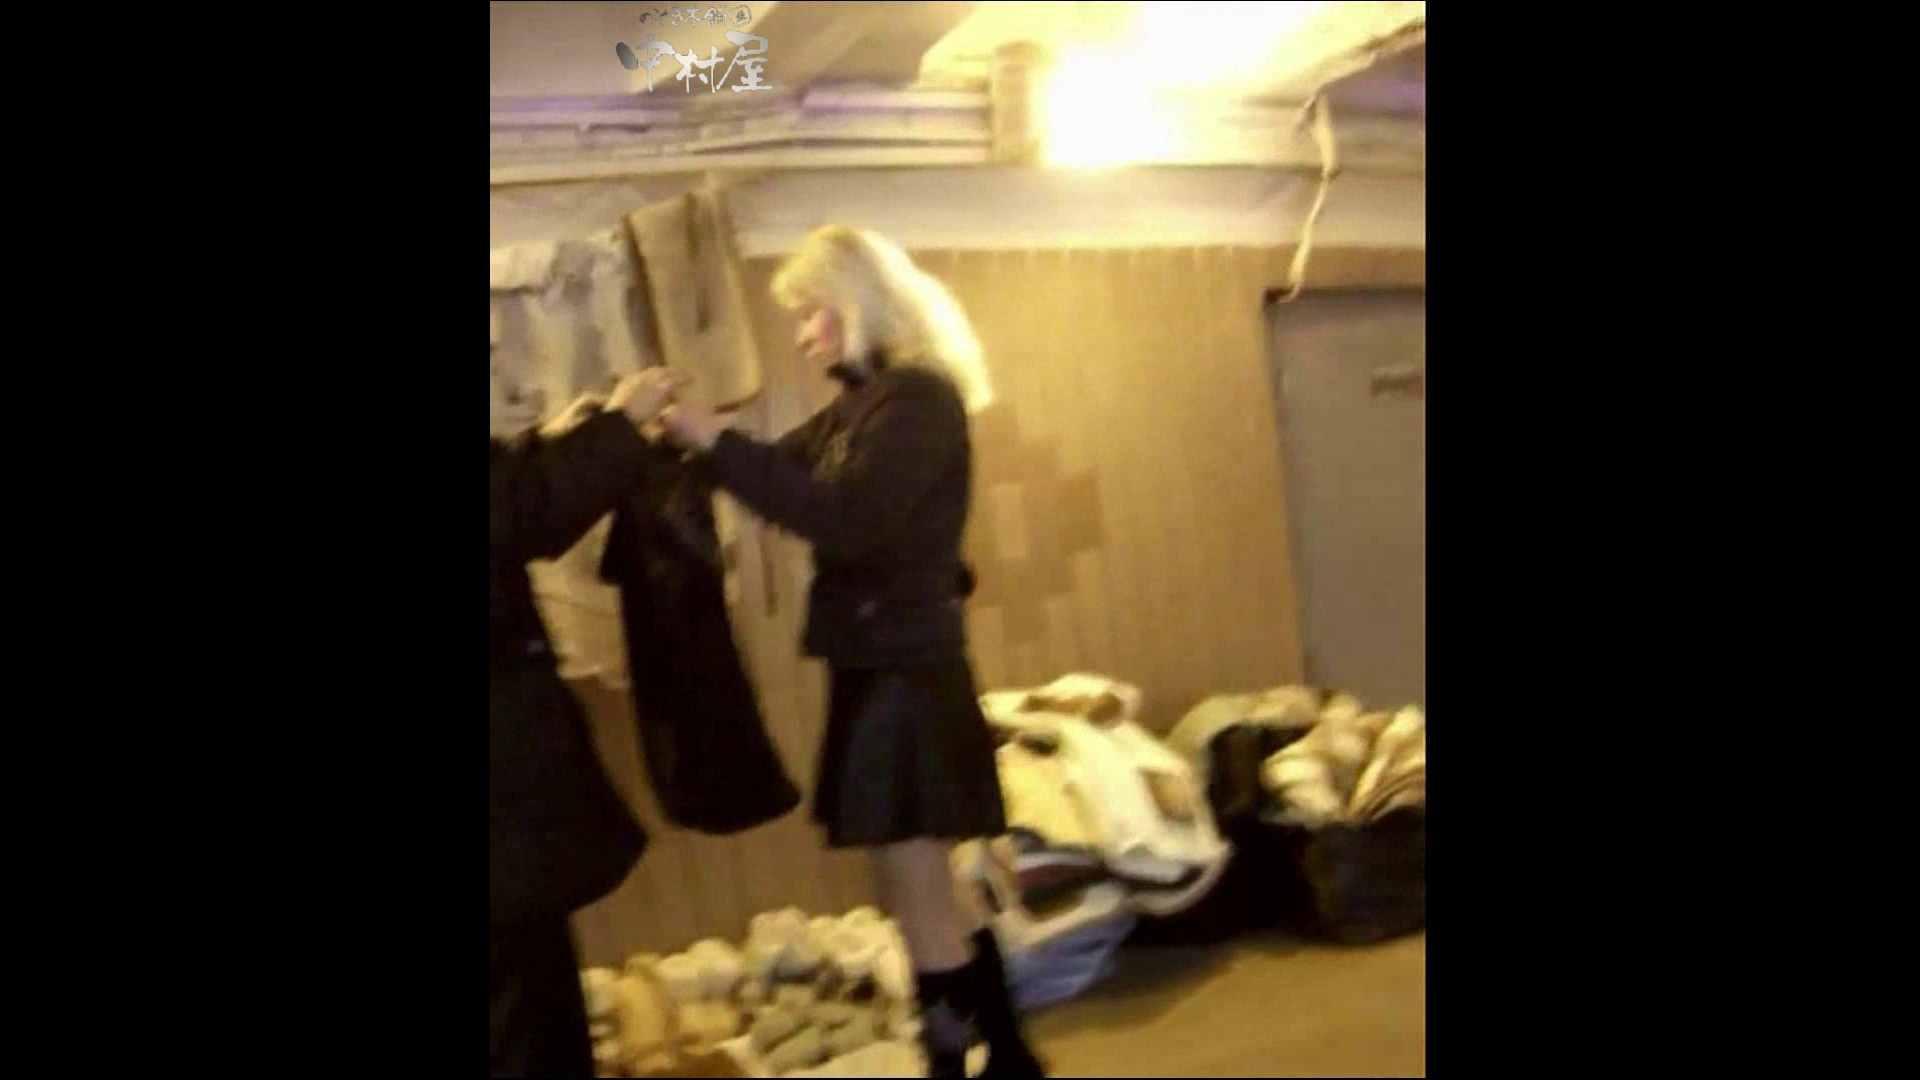 綺麗なモデルさんのスカート捲っちゃおう‼ vol18 お姉さんのエロ動画  81PIX 76